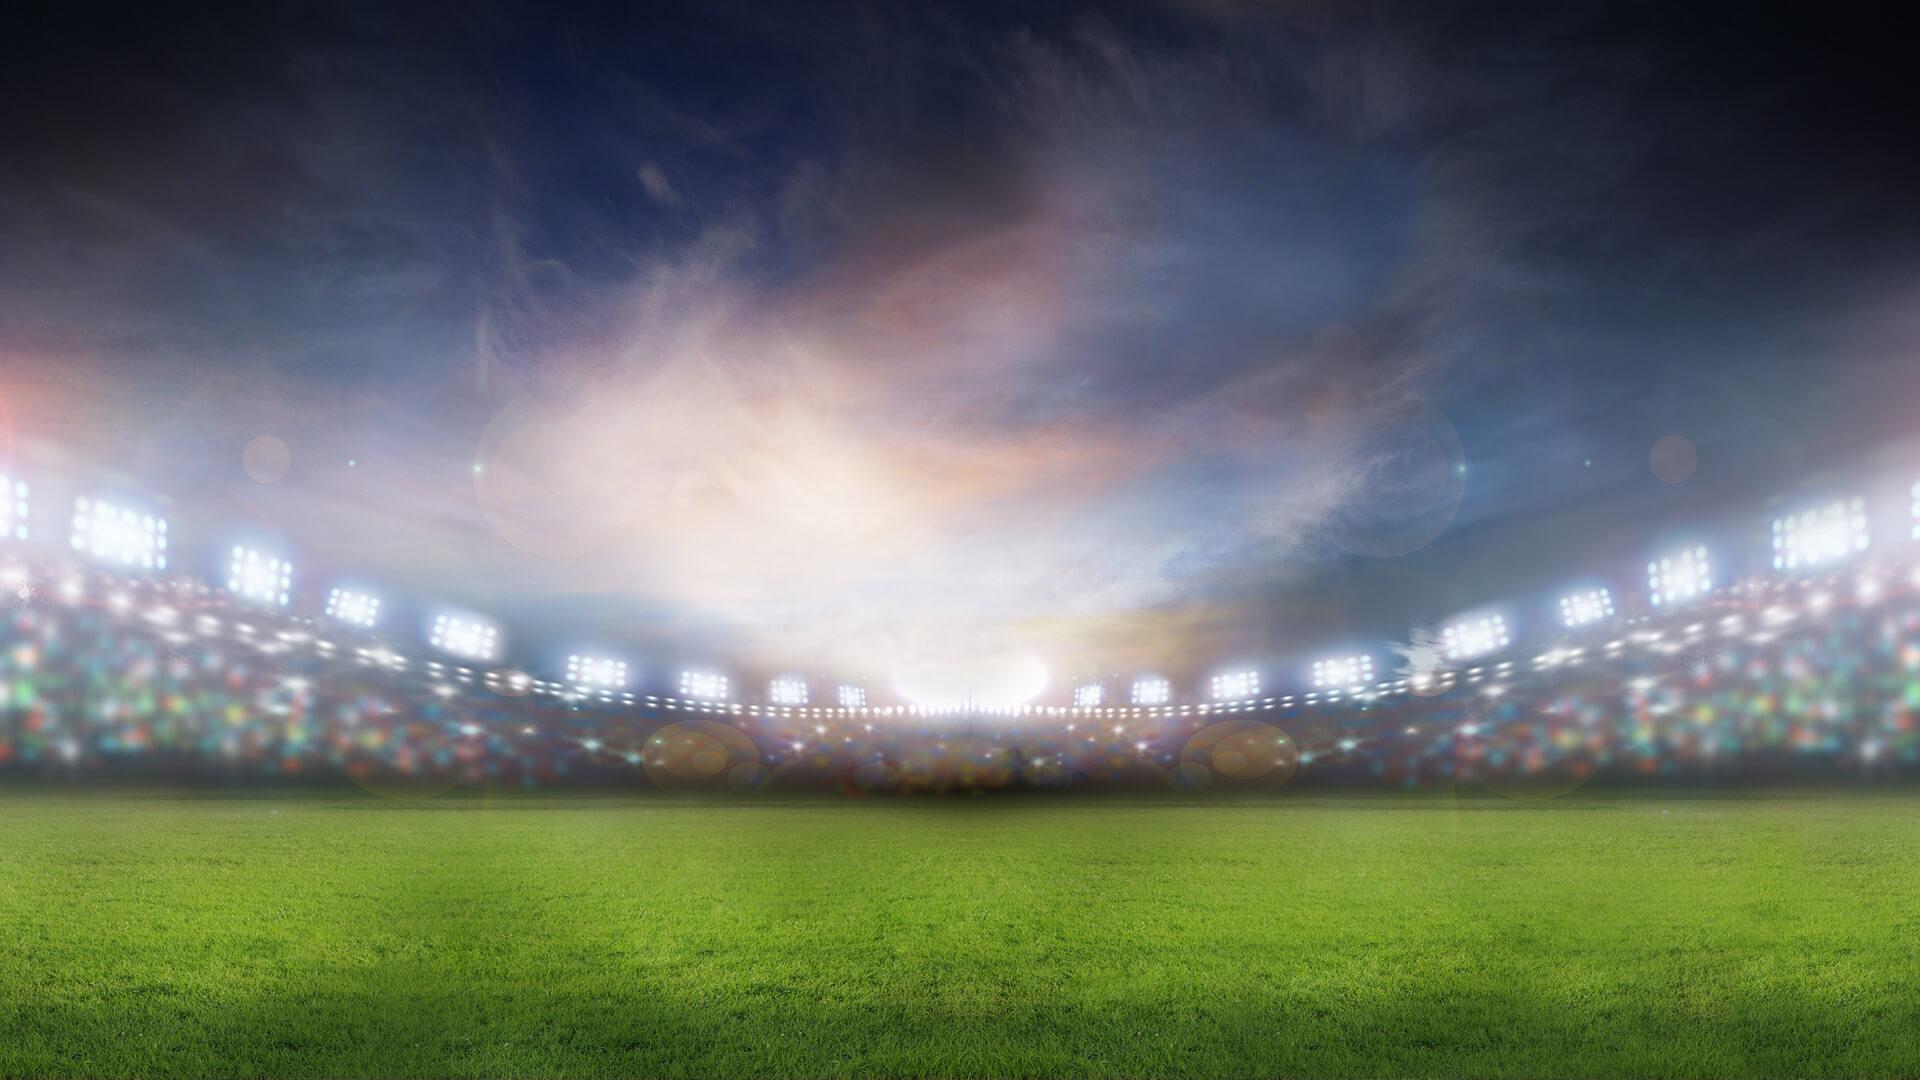 لحظه به لحظه با دیدارهای هفته بیستم لیگ برتر فوتبال ایران